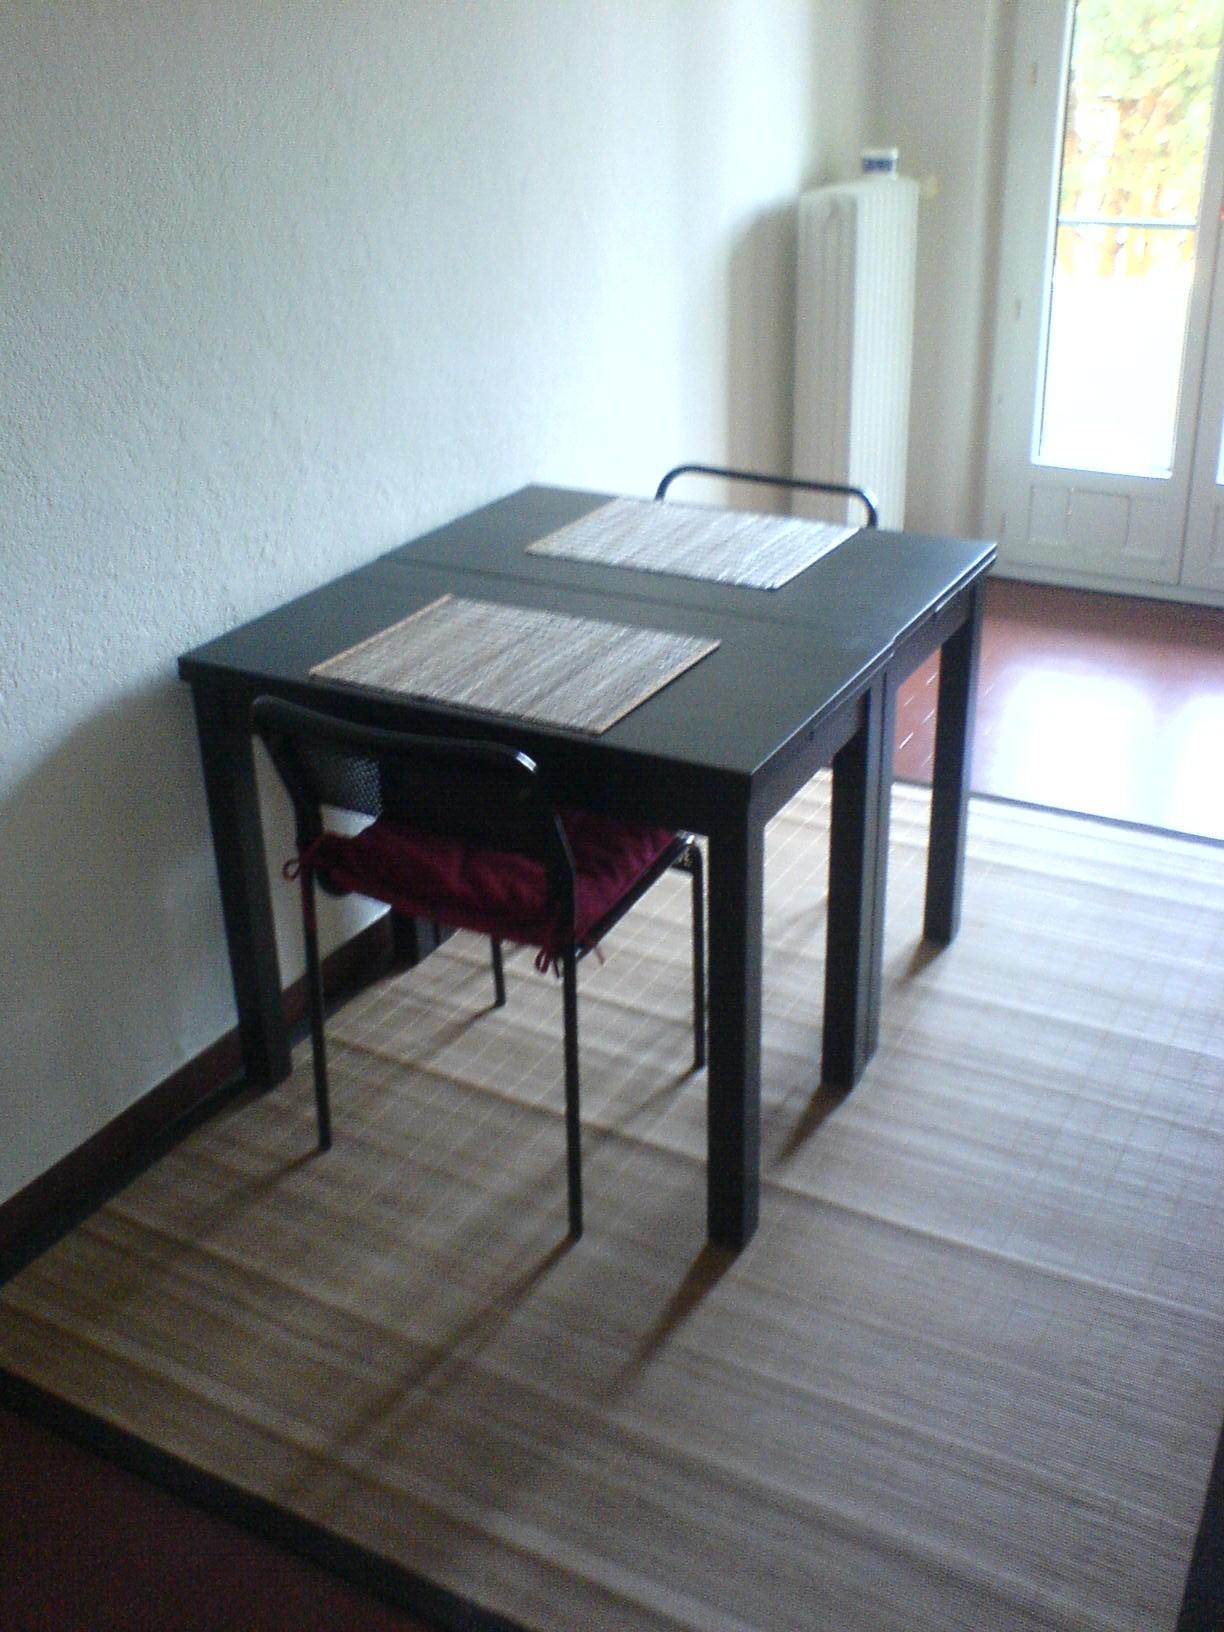 Meine neue wohnung inneneinrichtung heiniger net for Wohnung inneneinrichtung